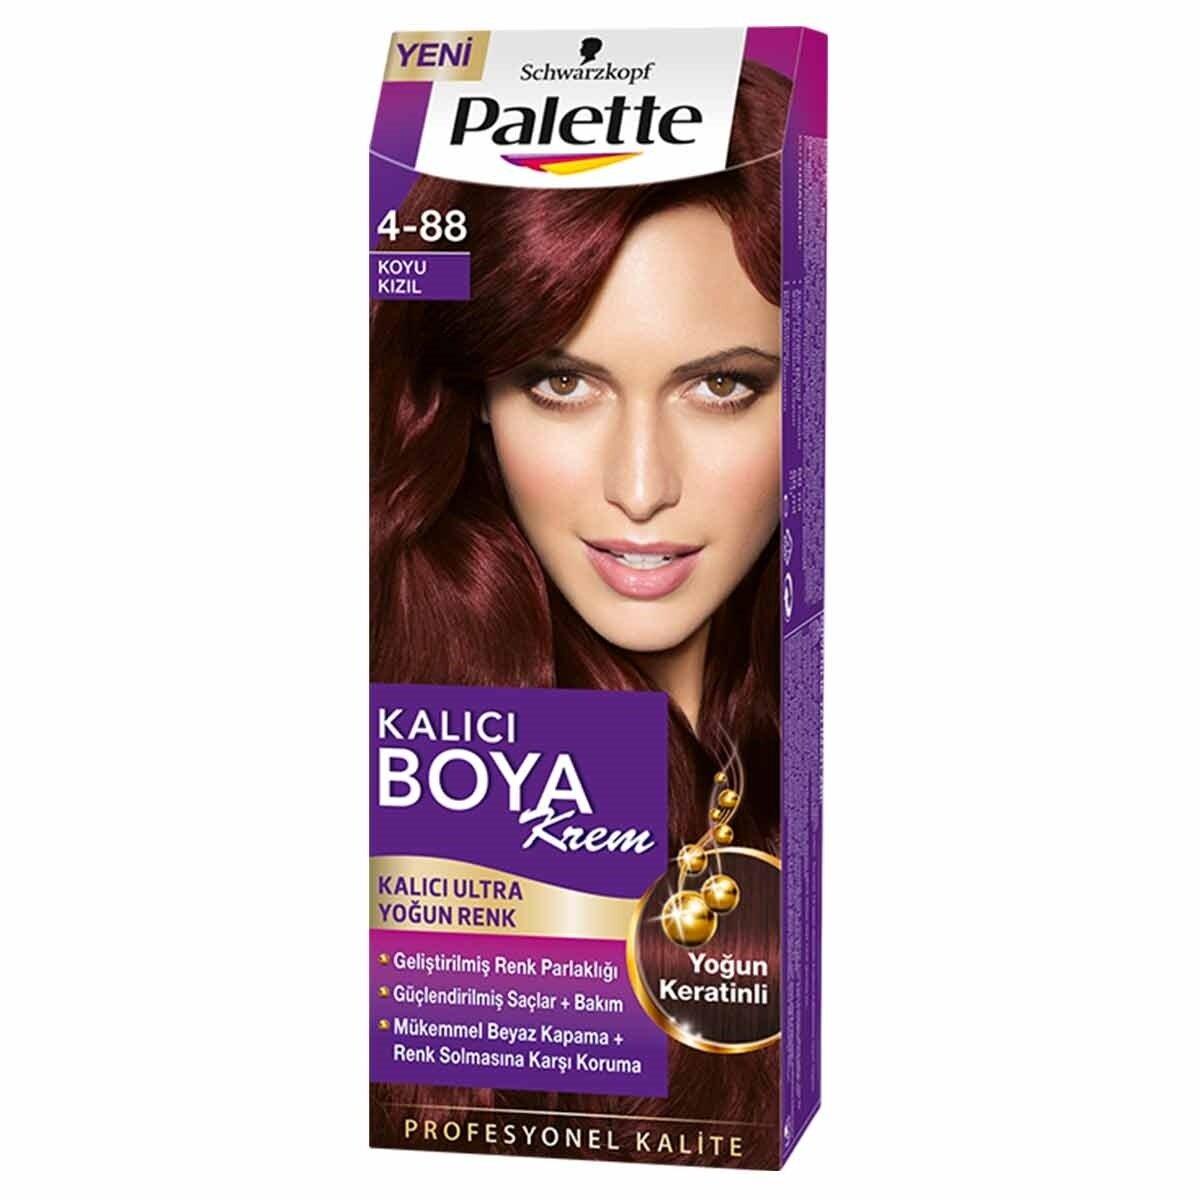 Natural Colors Saç Boyası Göz Alıcı Renkler Koyu Kızıl 4-88